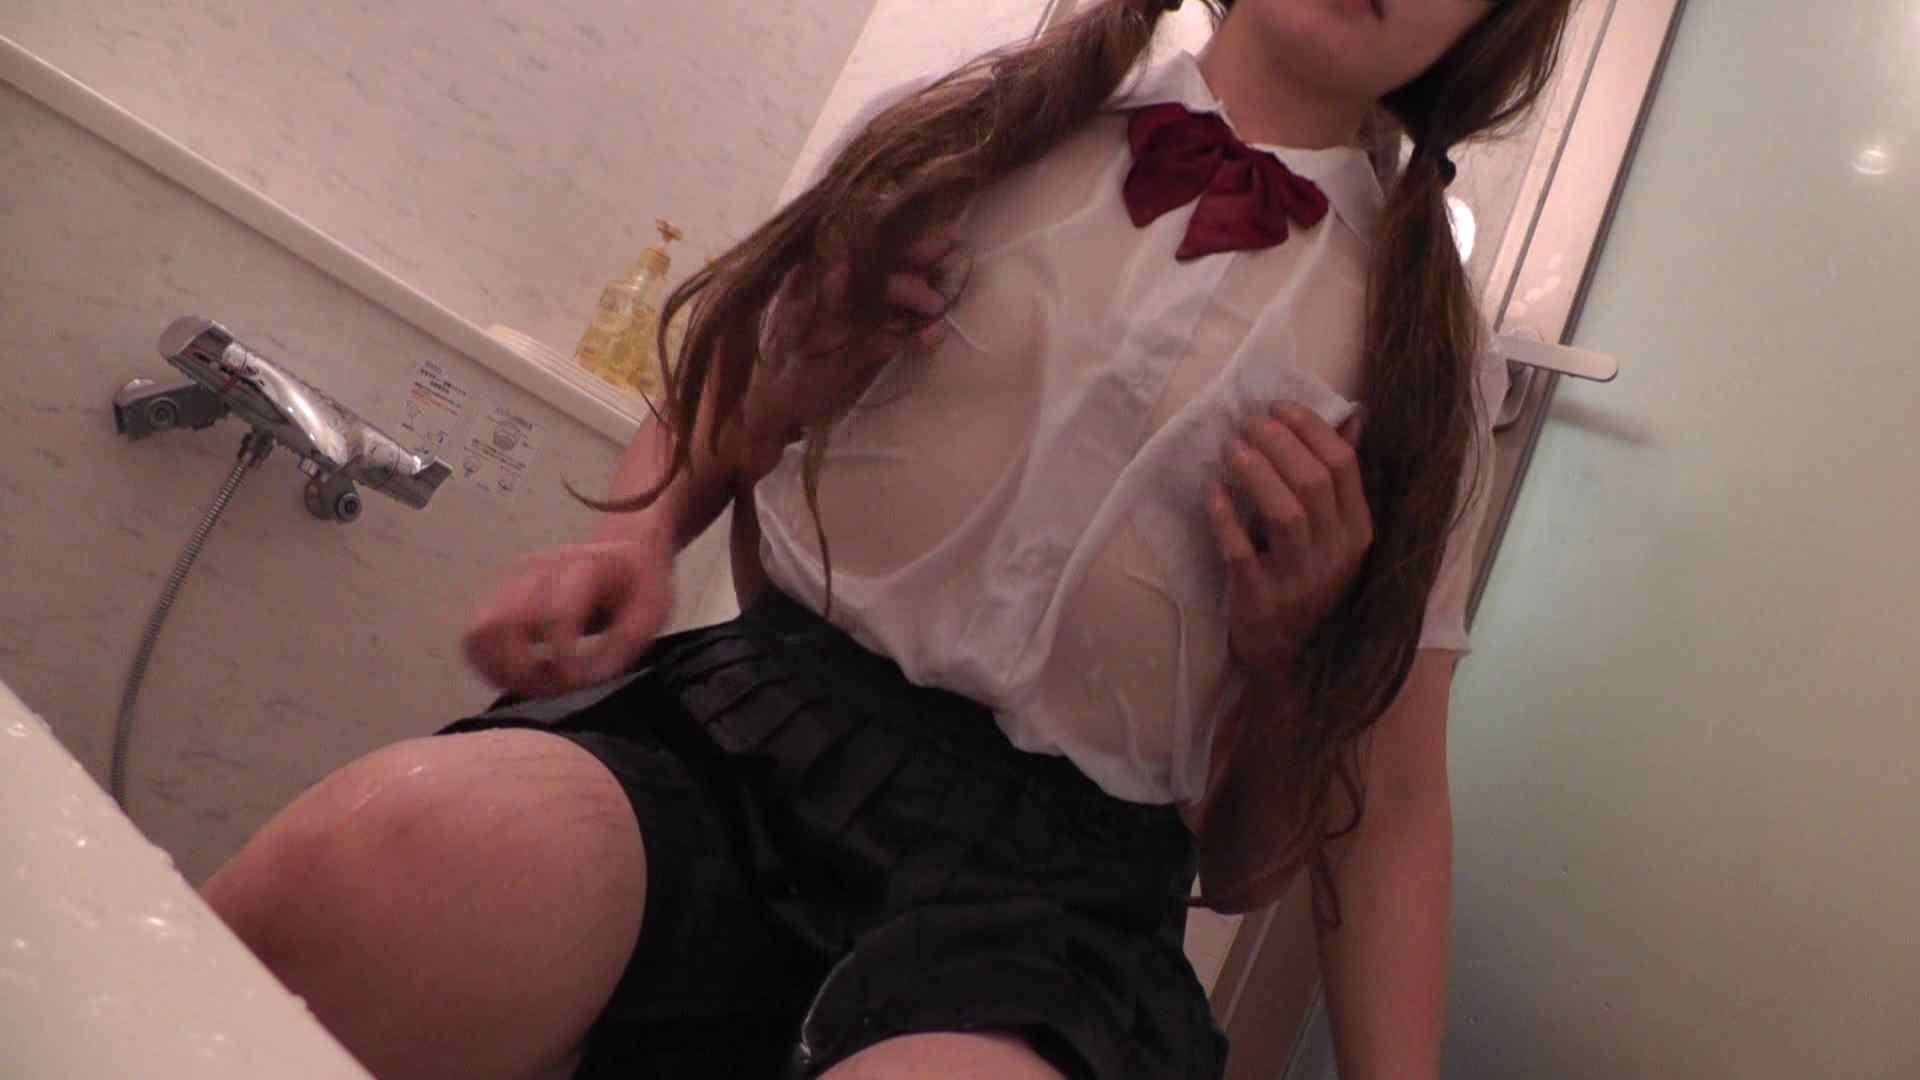 俺推し素人 Bカップ20代人妻現役ナース久美 エロいナース セックス画像 111枚